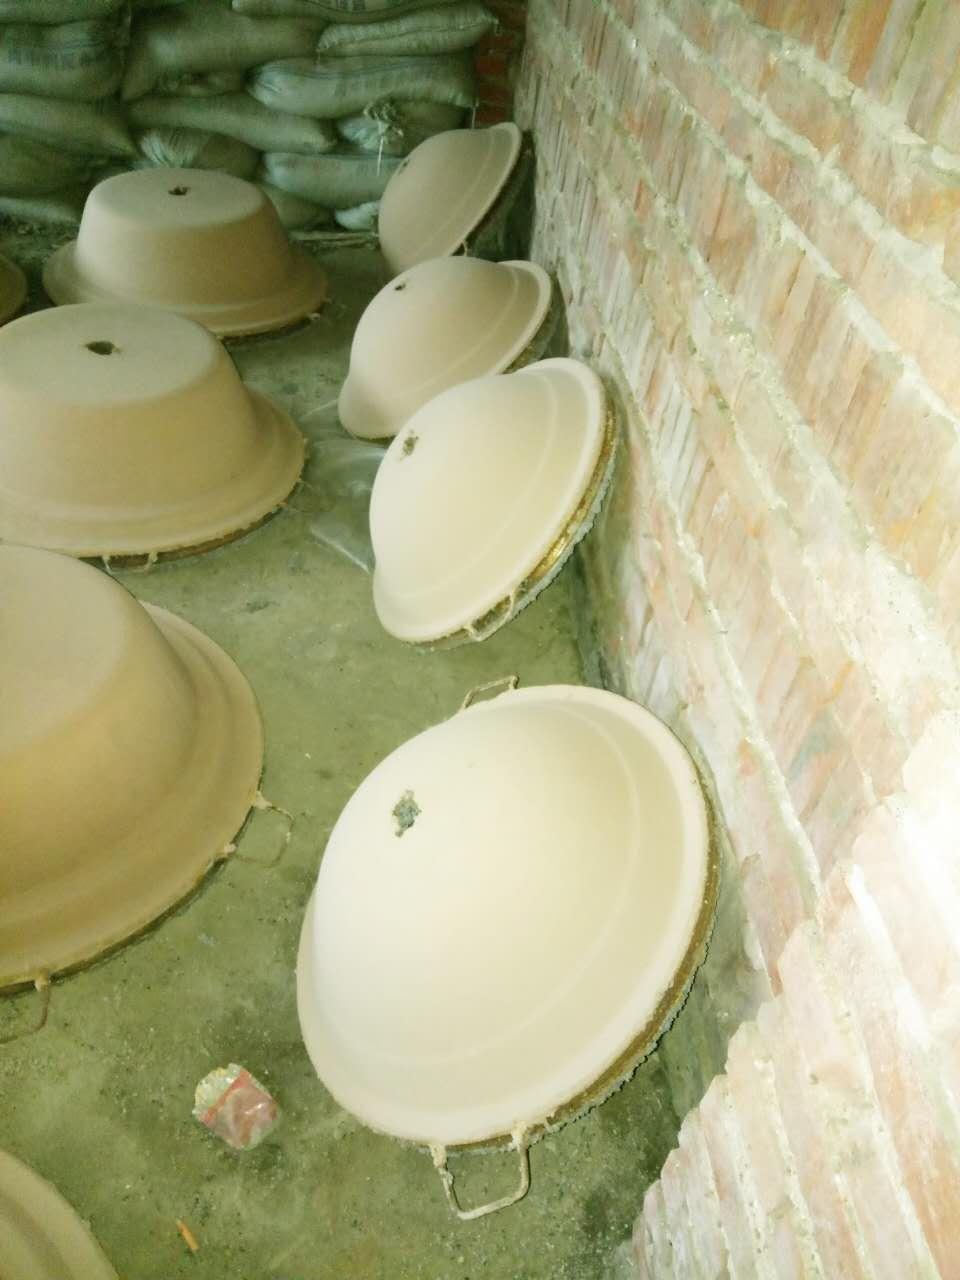 炒锅模具、炒锅模具厂家、炒锅模具价格、优质炒锅模具采购